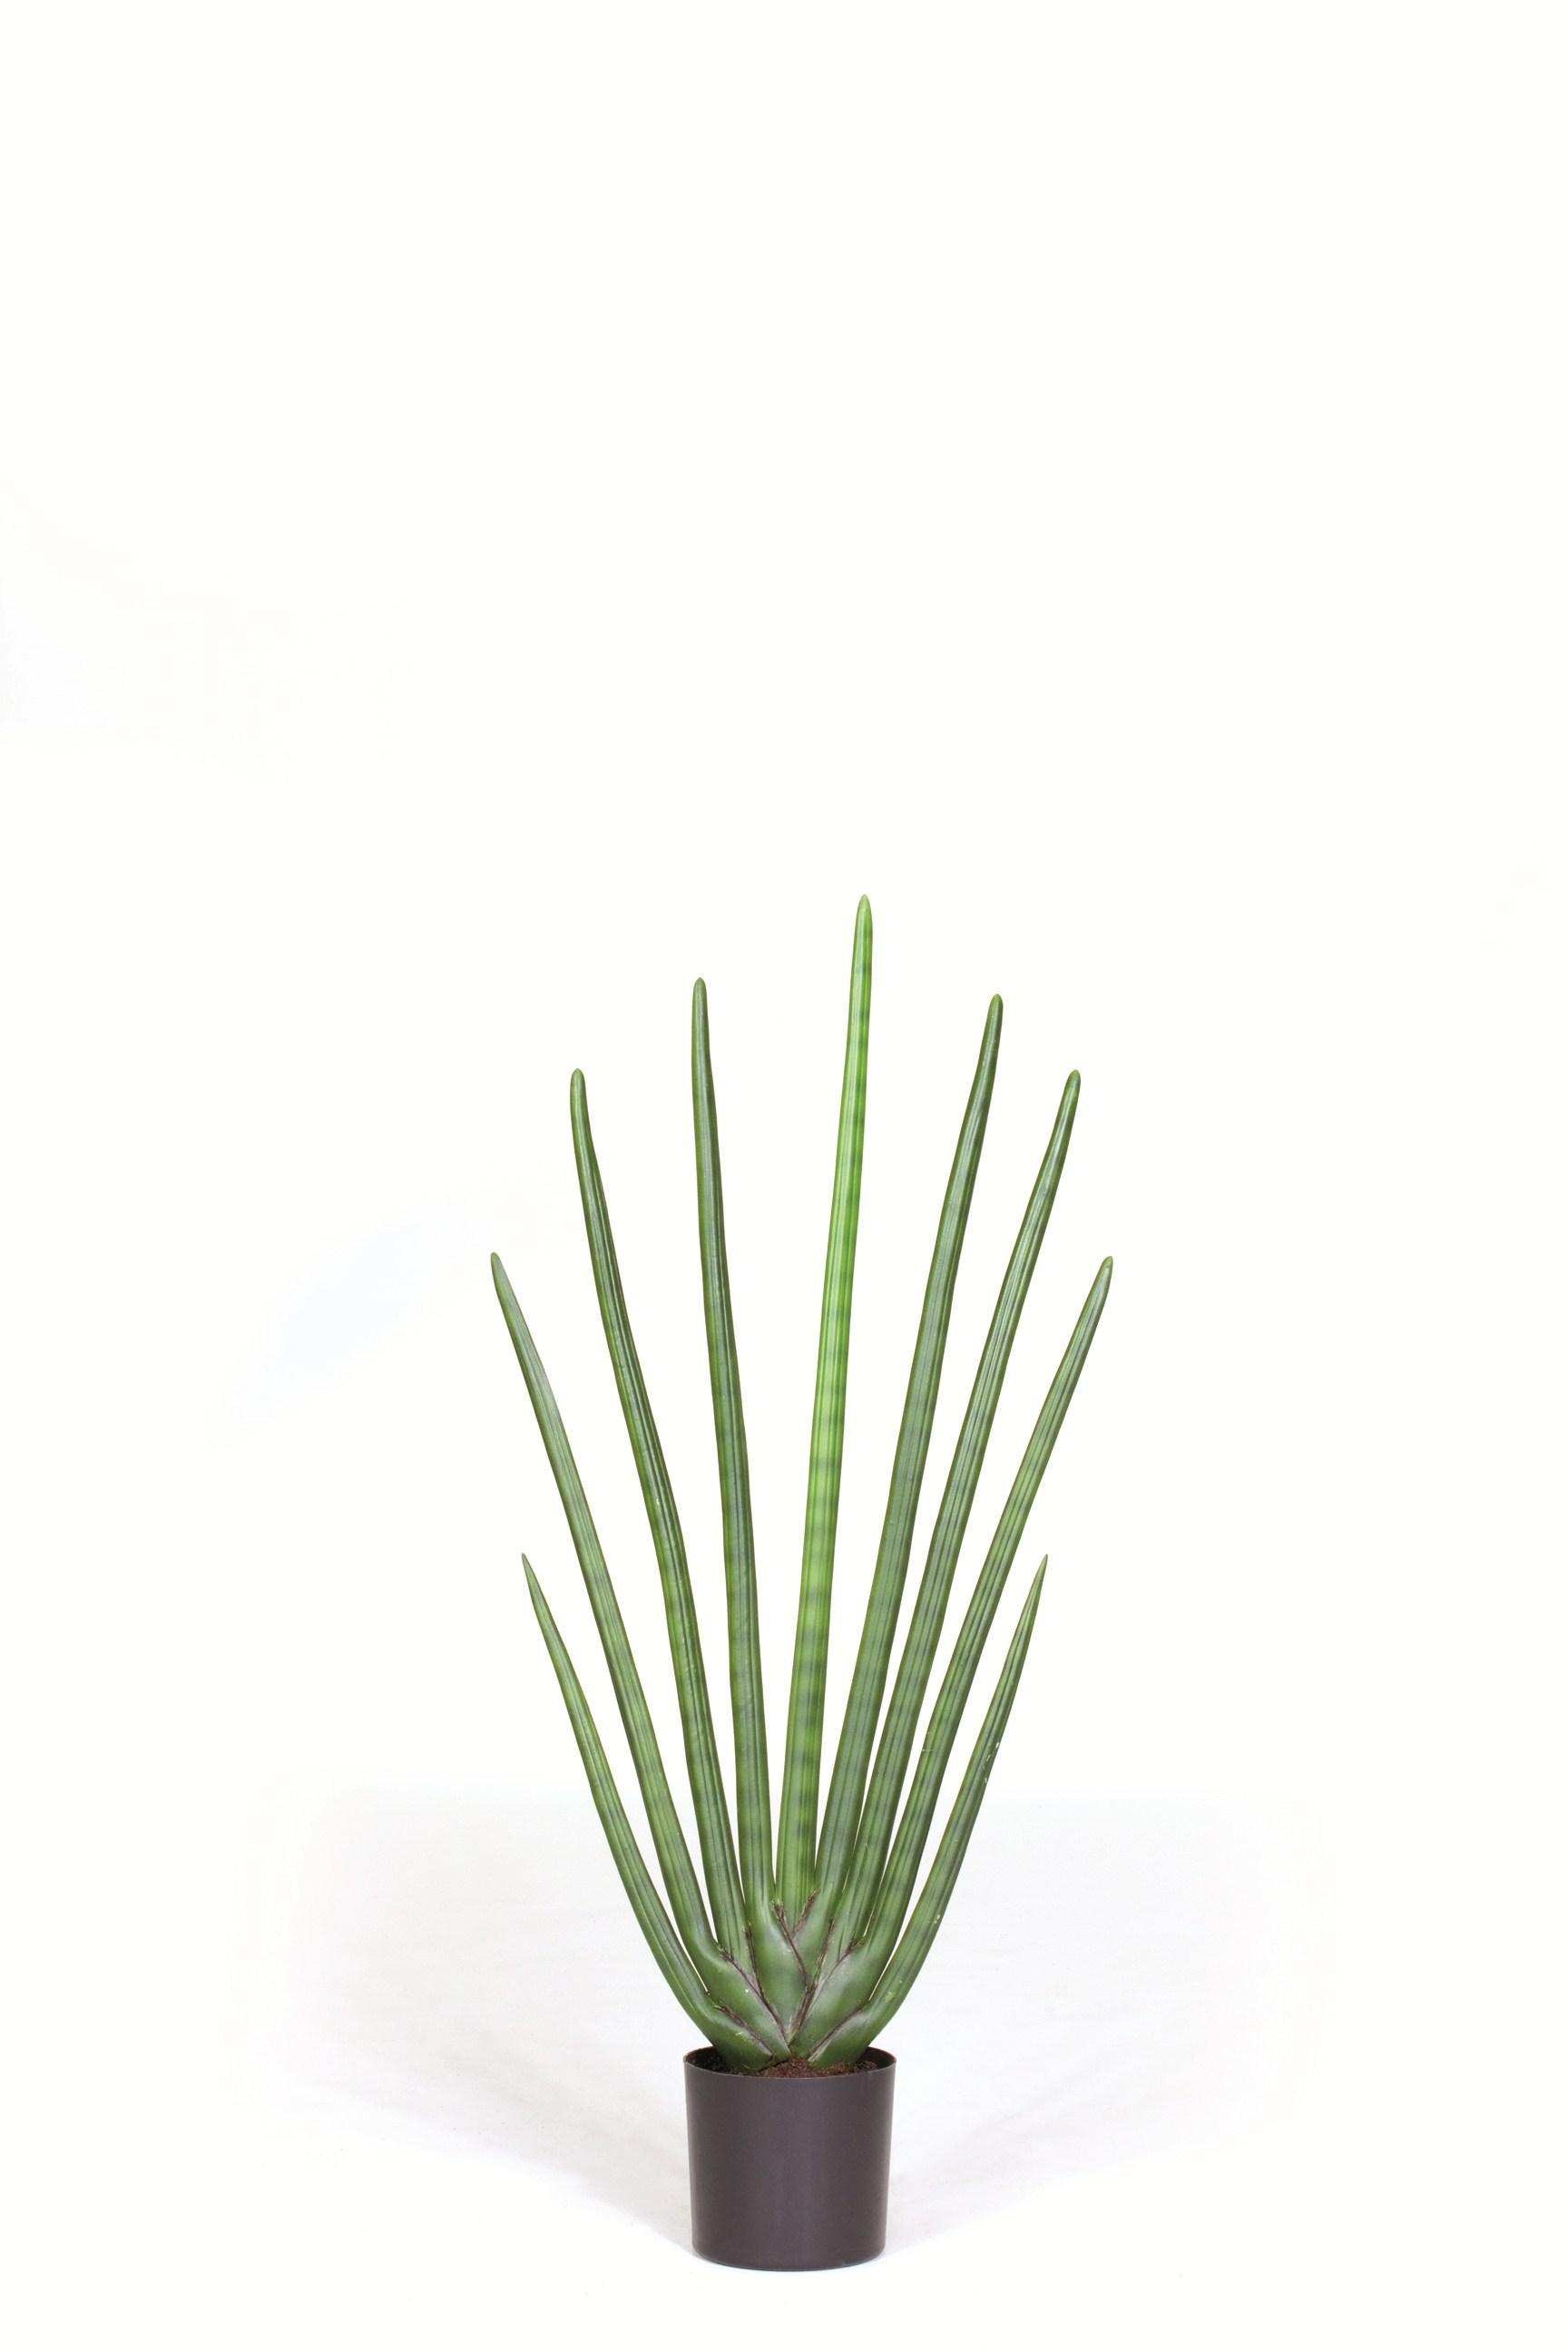 sansevieria cylindrica 80 cm bogenhanf kunstpflanze terrapalme heim und gartenshop. Black Bedroom Furniture Sets. Home Design Ideas